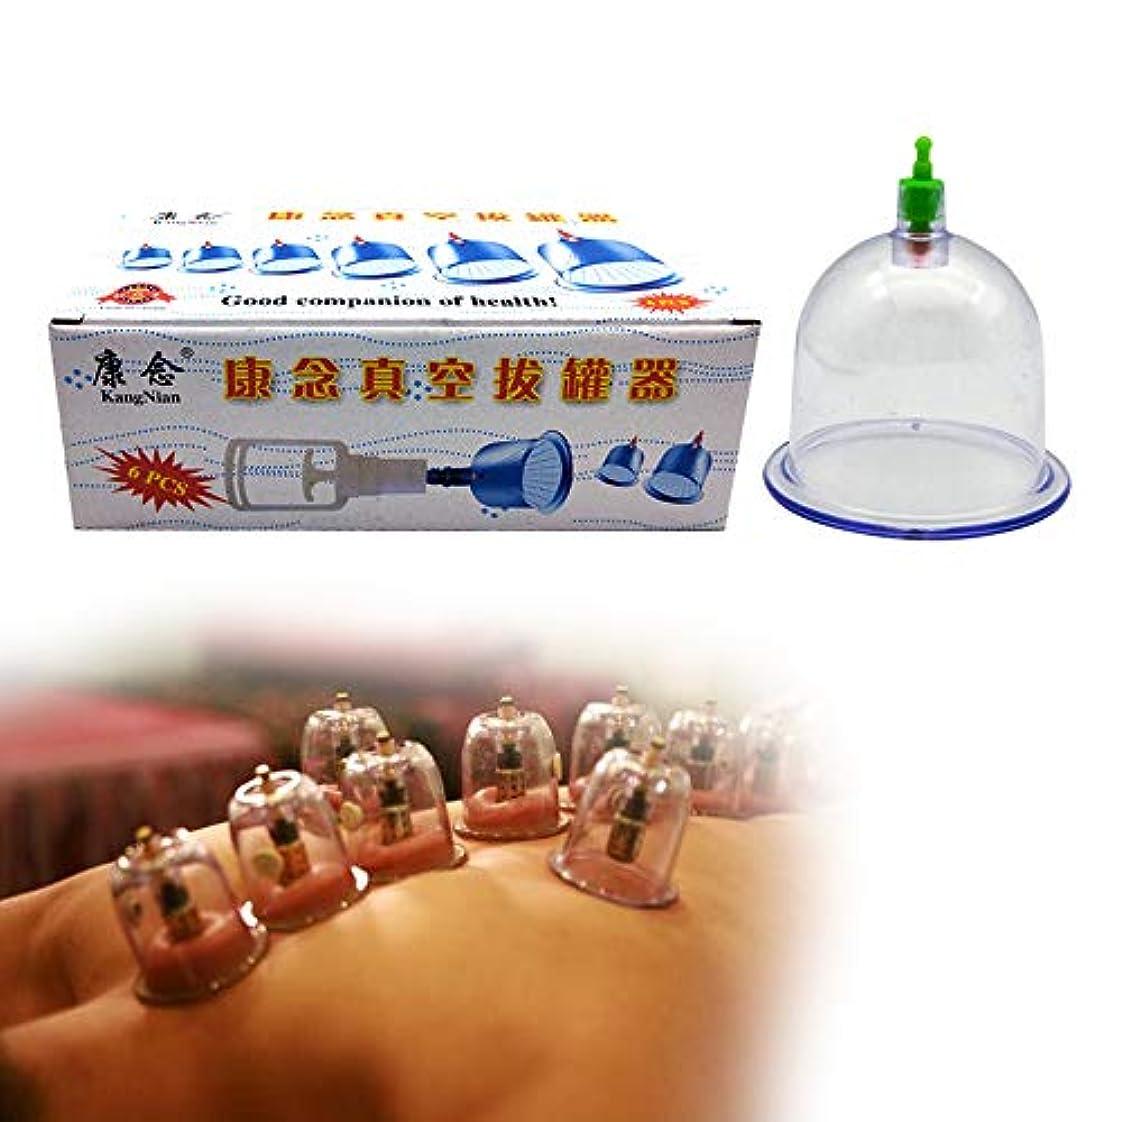 アームストロング旅行ぞっとするような真空カッピングセット6マッサージ缶吸引カップセット理学療法療法吸引ヘルスケアマッサージ